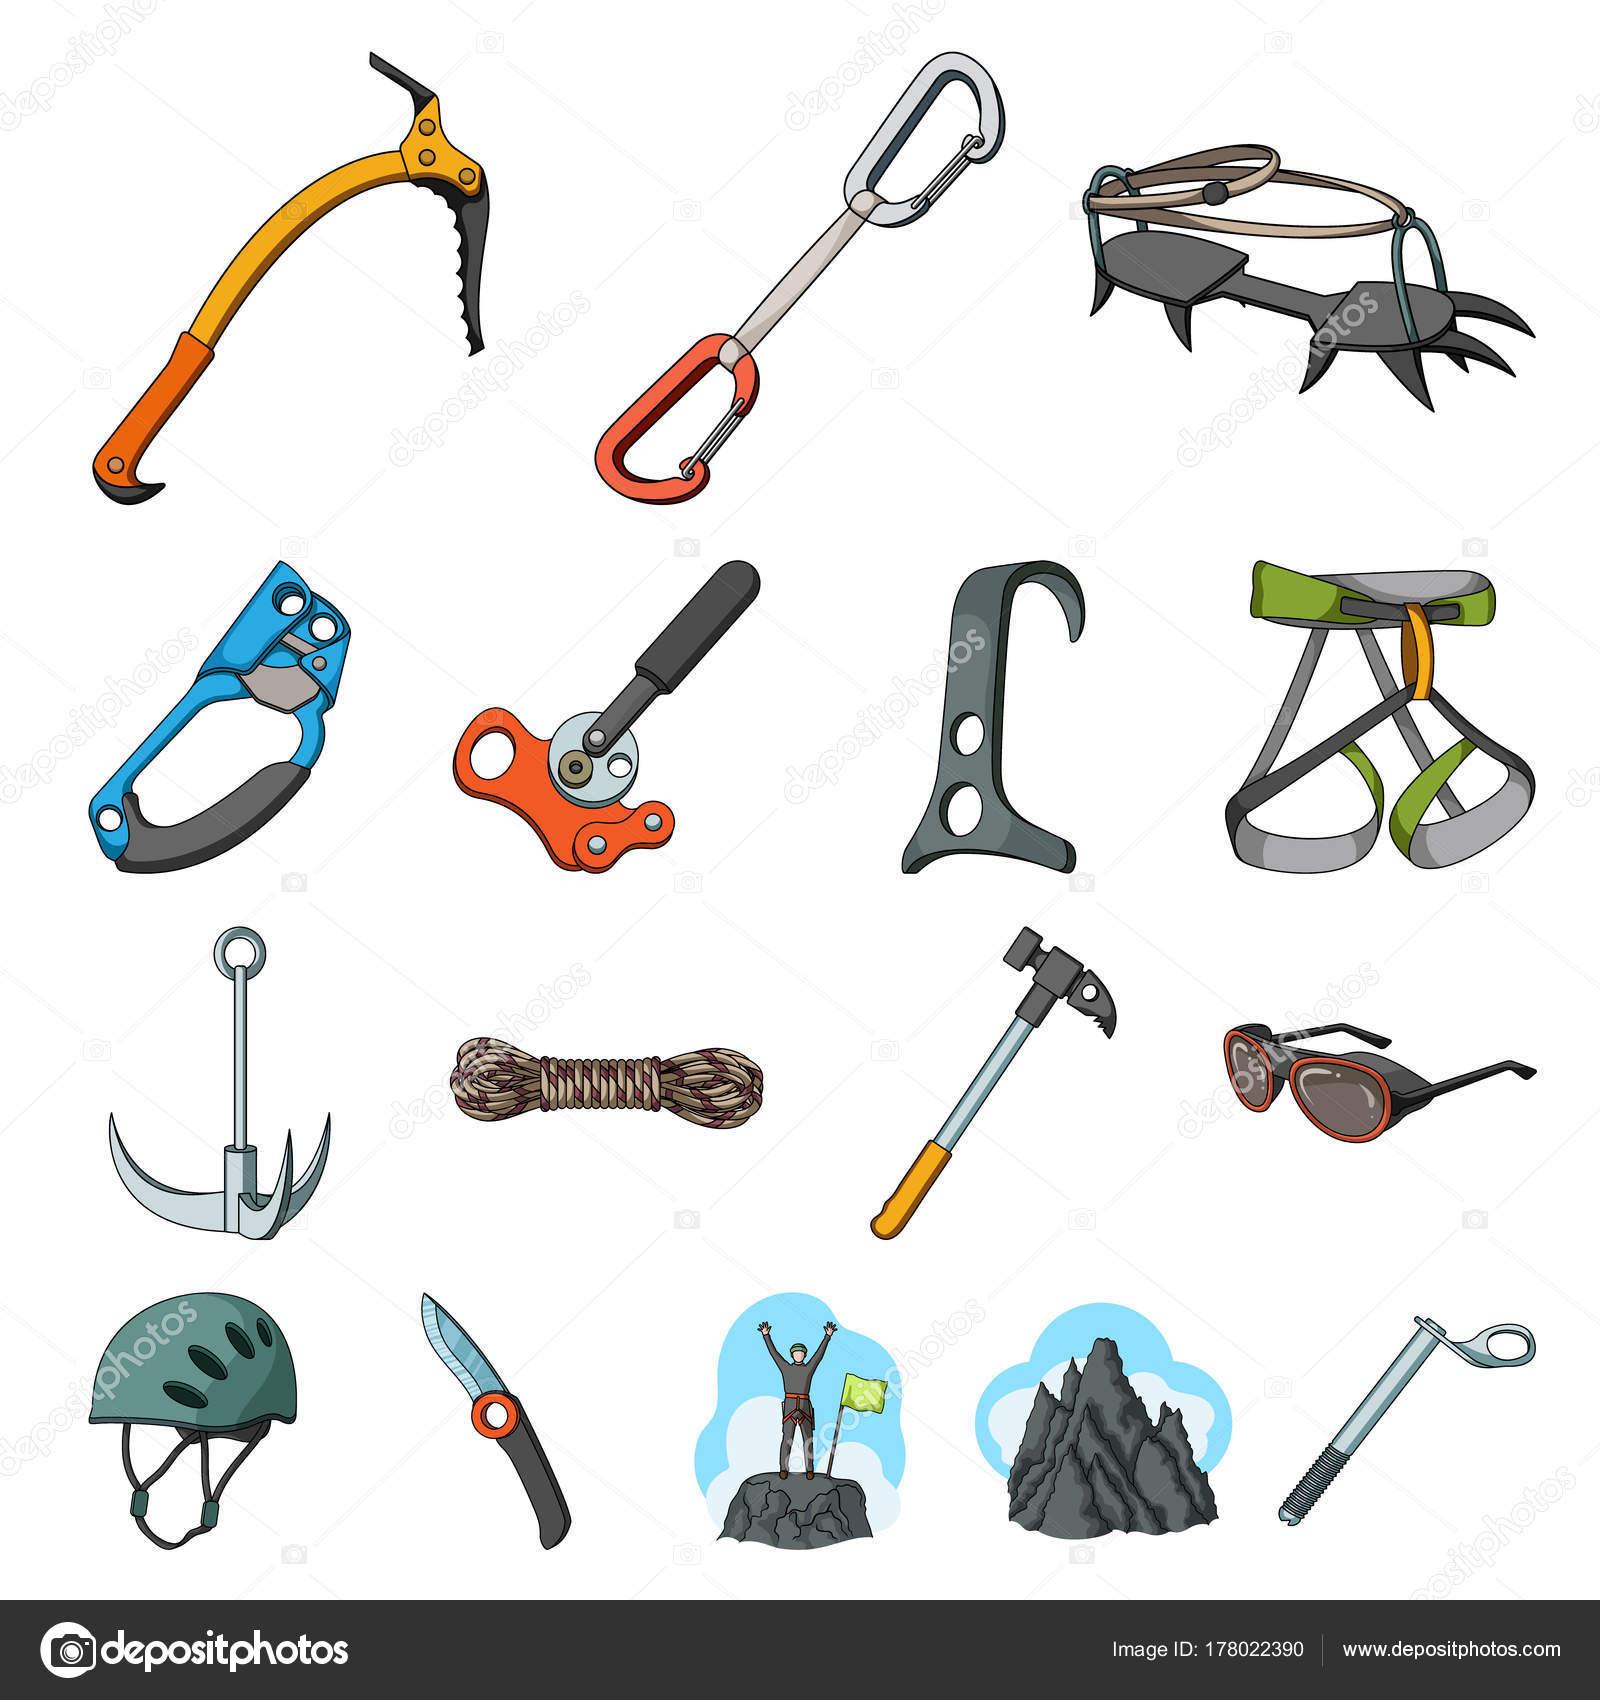 82d0b459851 Montañismo y escalada de dibujos animados iconos de colección set de  diseño. Equipos y accesorios